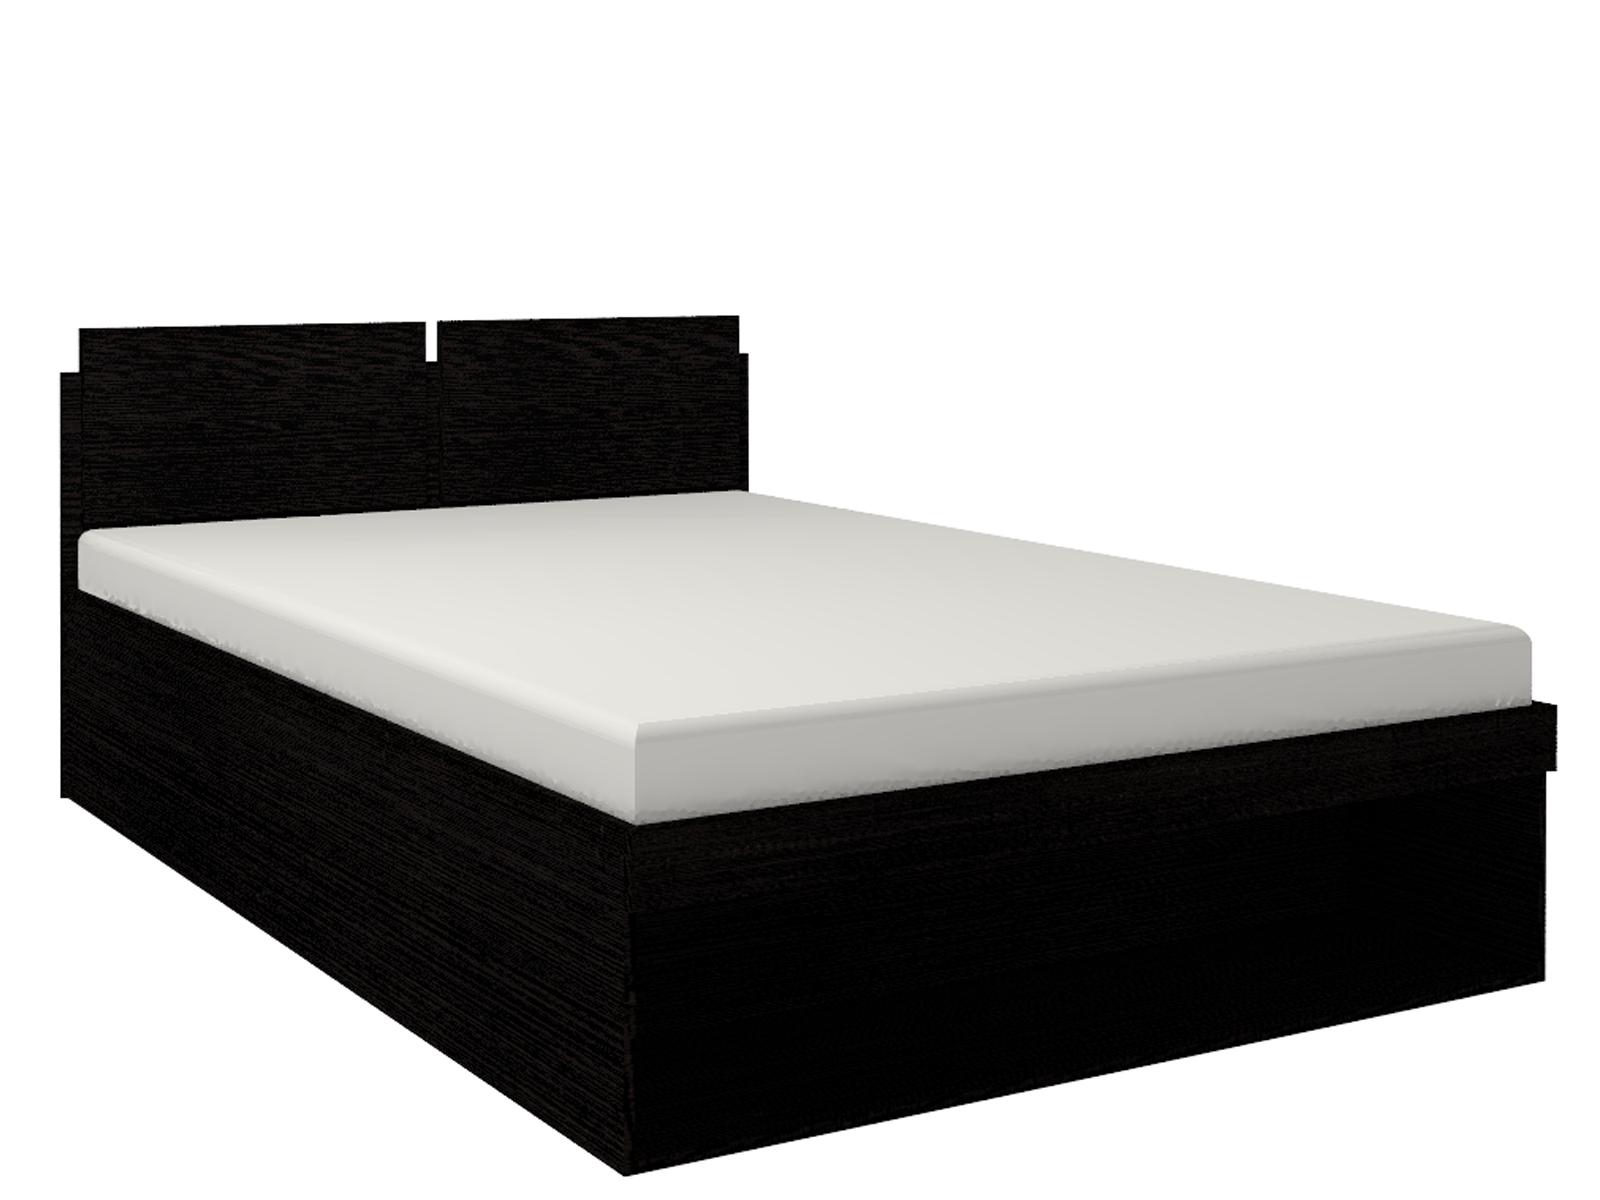 Спальня Hyper (комплект 1) - фото Кровать 2 Hyper 160*200 с подъемным механизмом (Венге монохром)